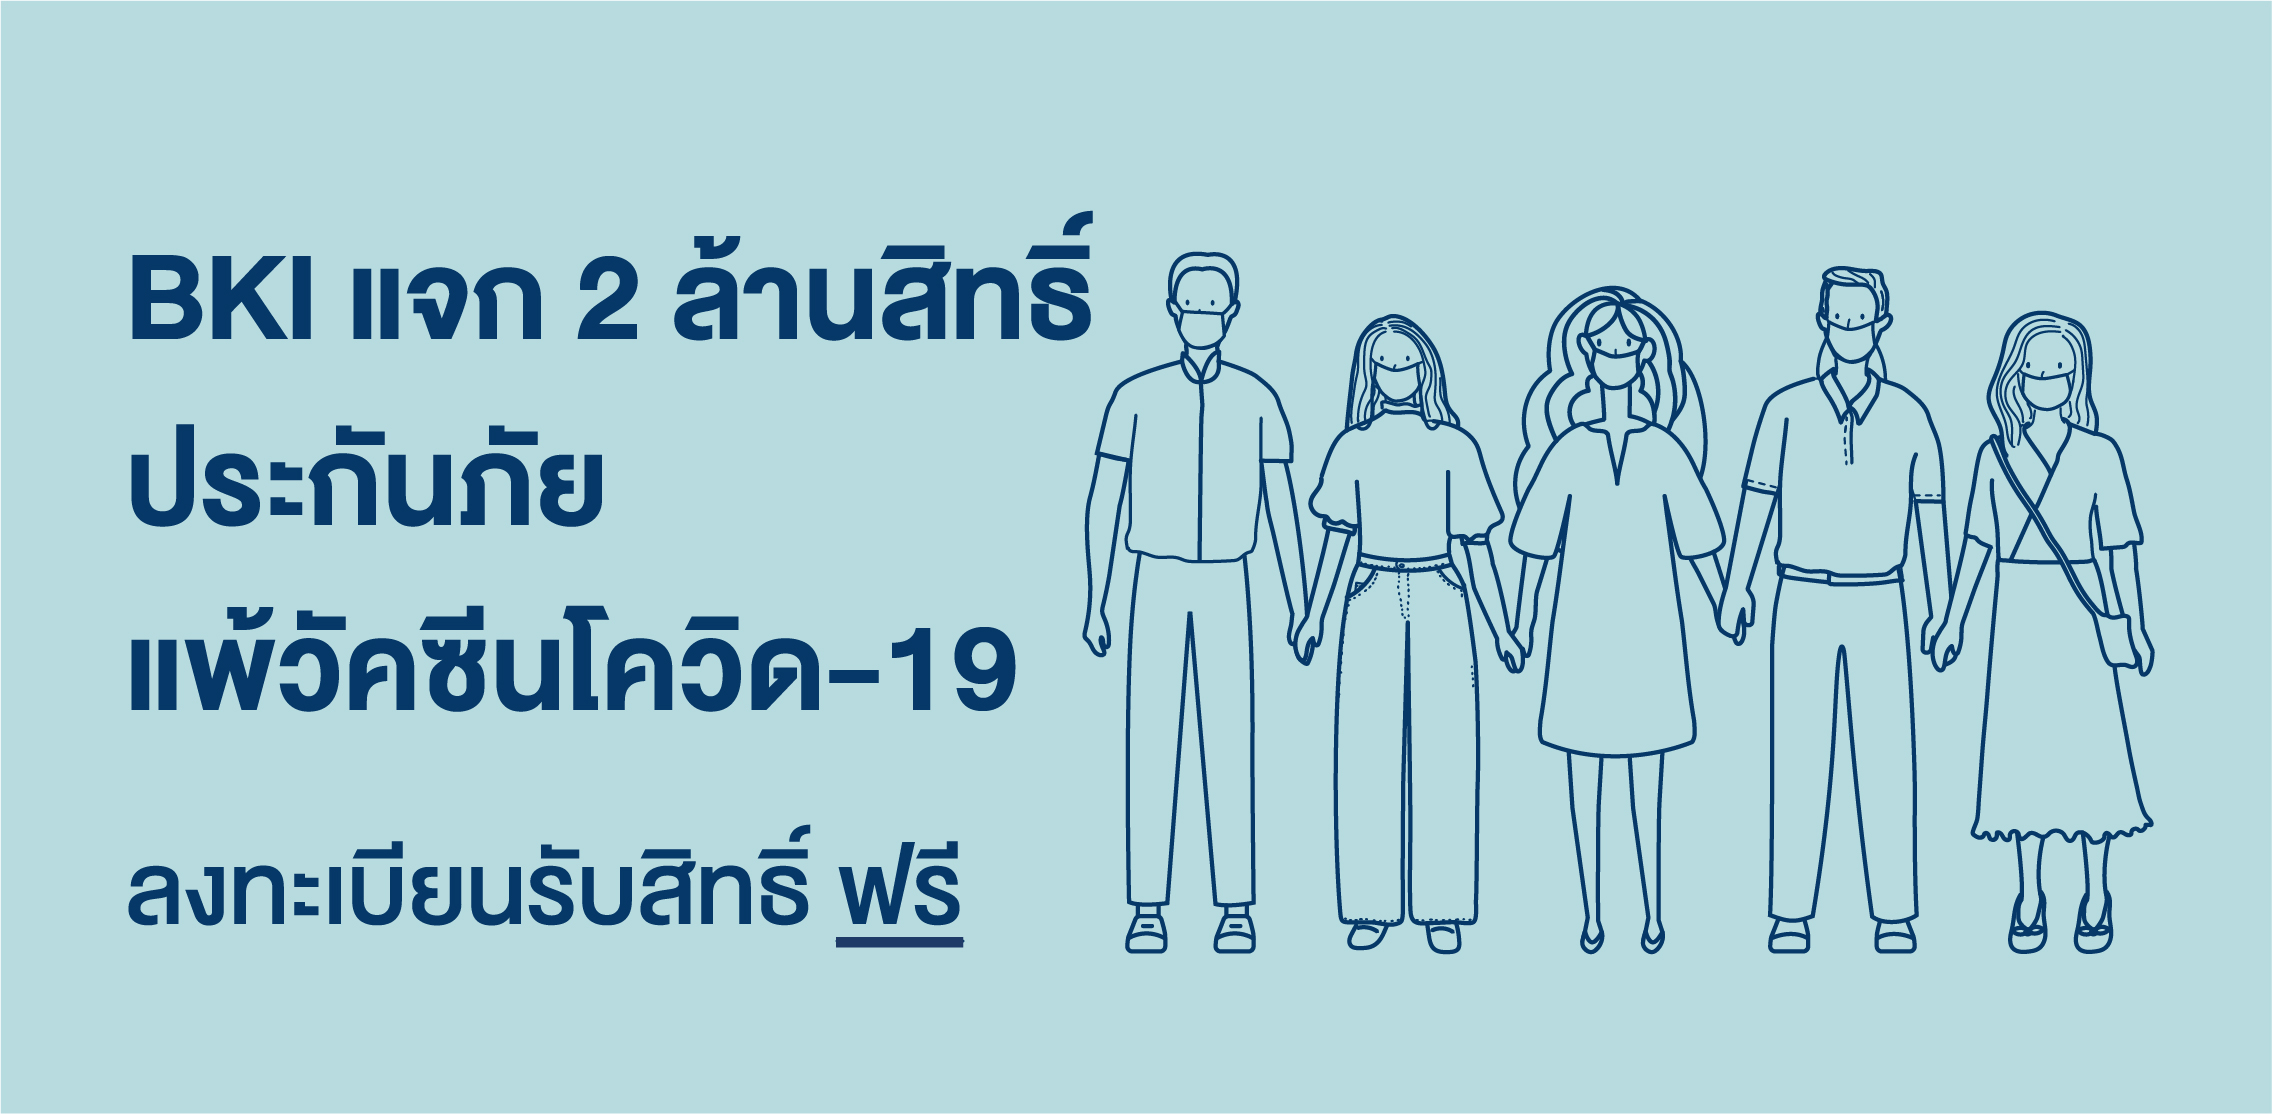 กรุงเทพประกันภัยร่วมสนับสนุนสมาคมประกันวินาศภัยไทย มอบสิทธิพิเศษ ประกันภัยแพ้วัคซีนโควิด-19 จำนวน 2,000,000 สิทธิ์ ฟรี[hide]